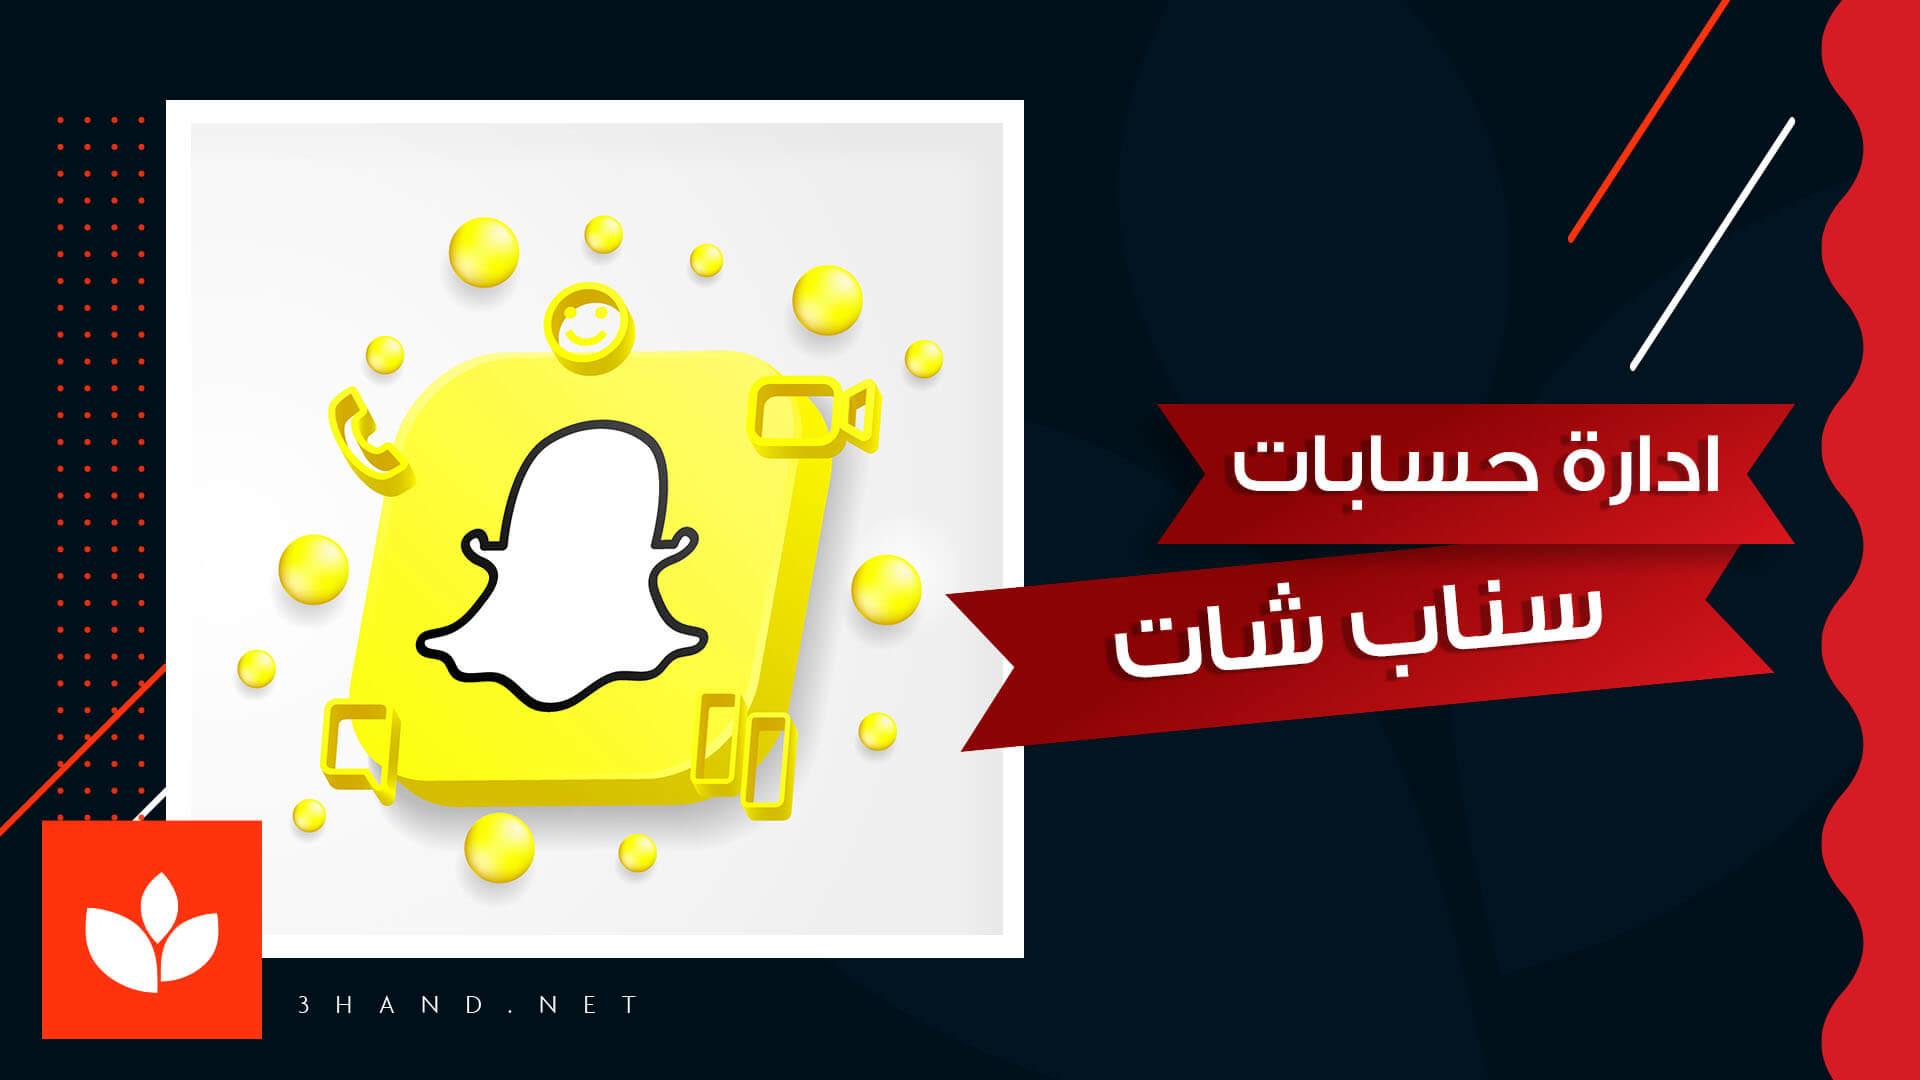 اسعار تصميم اعلان وحملات ممولة على سناب ادارة حسابات سناب شات